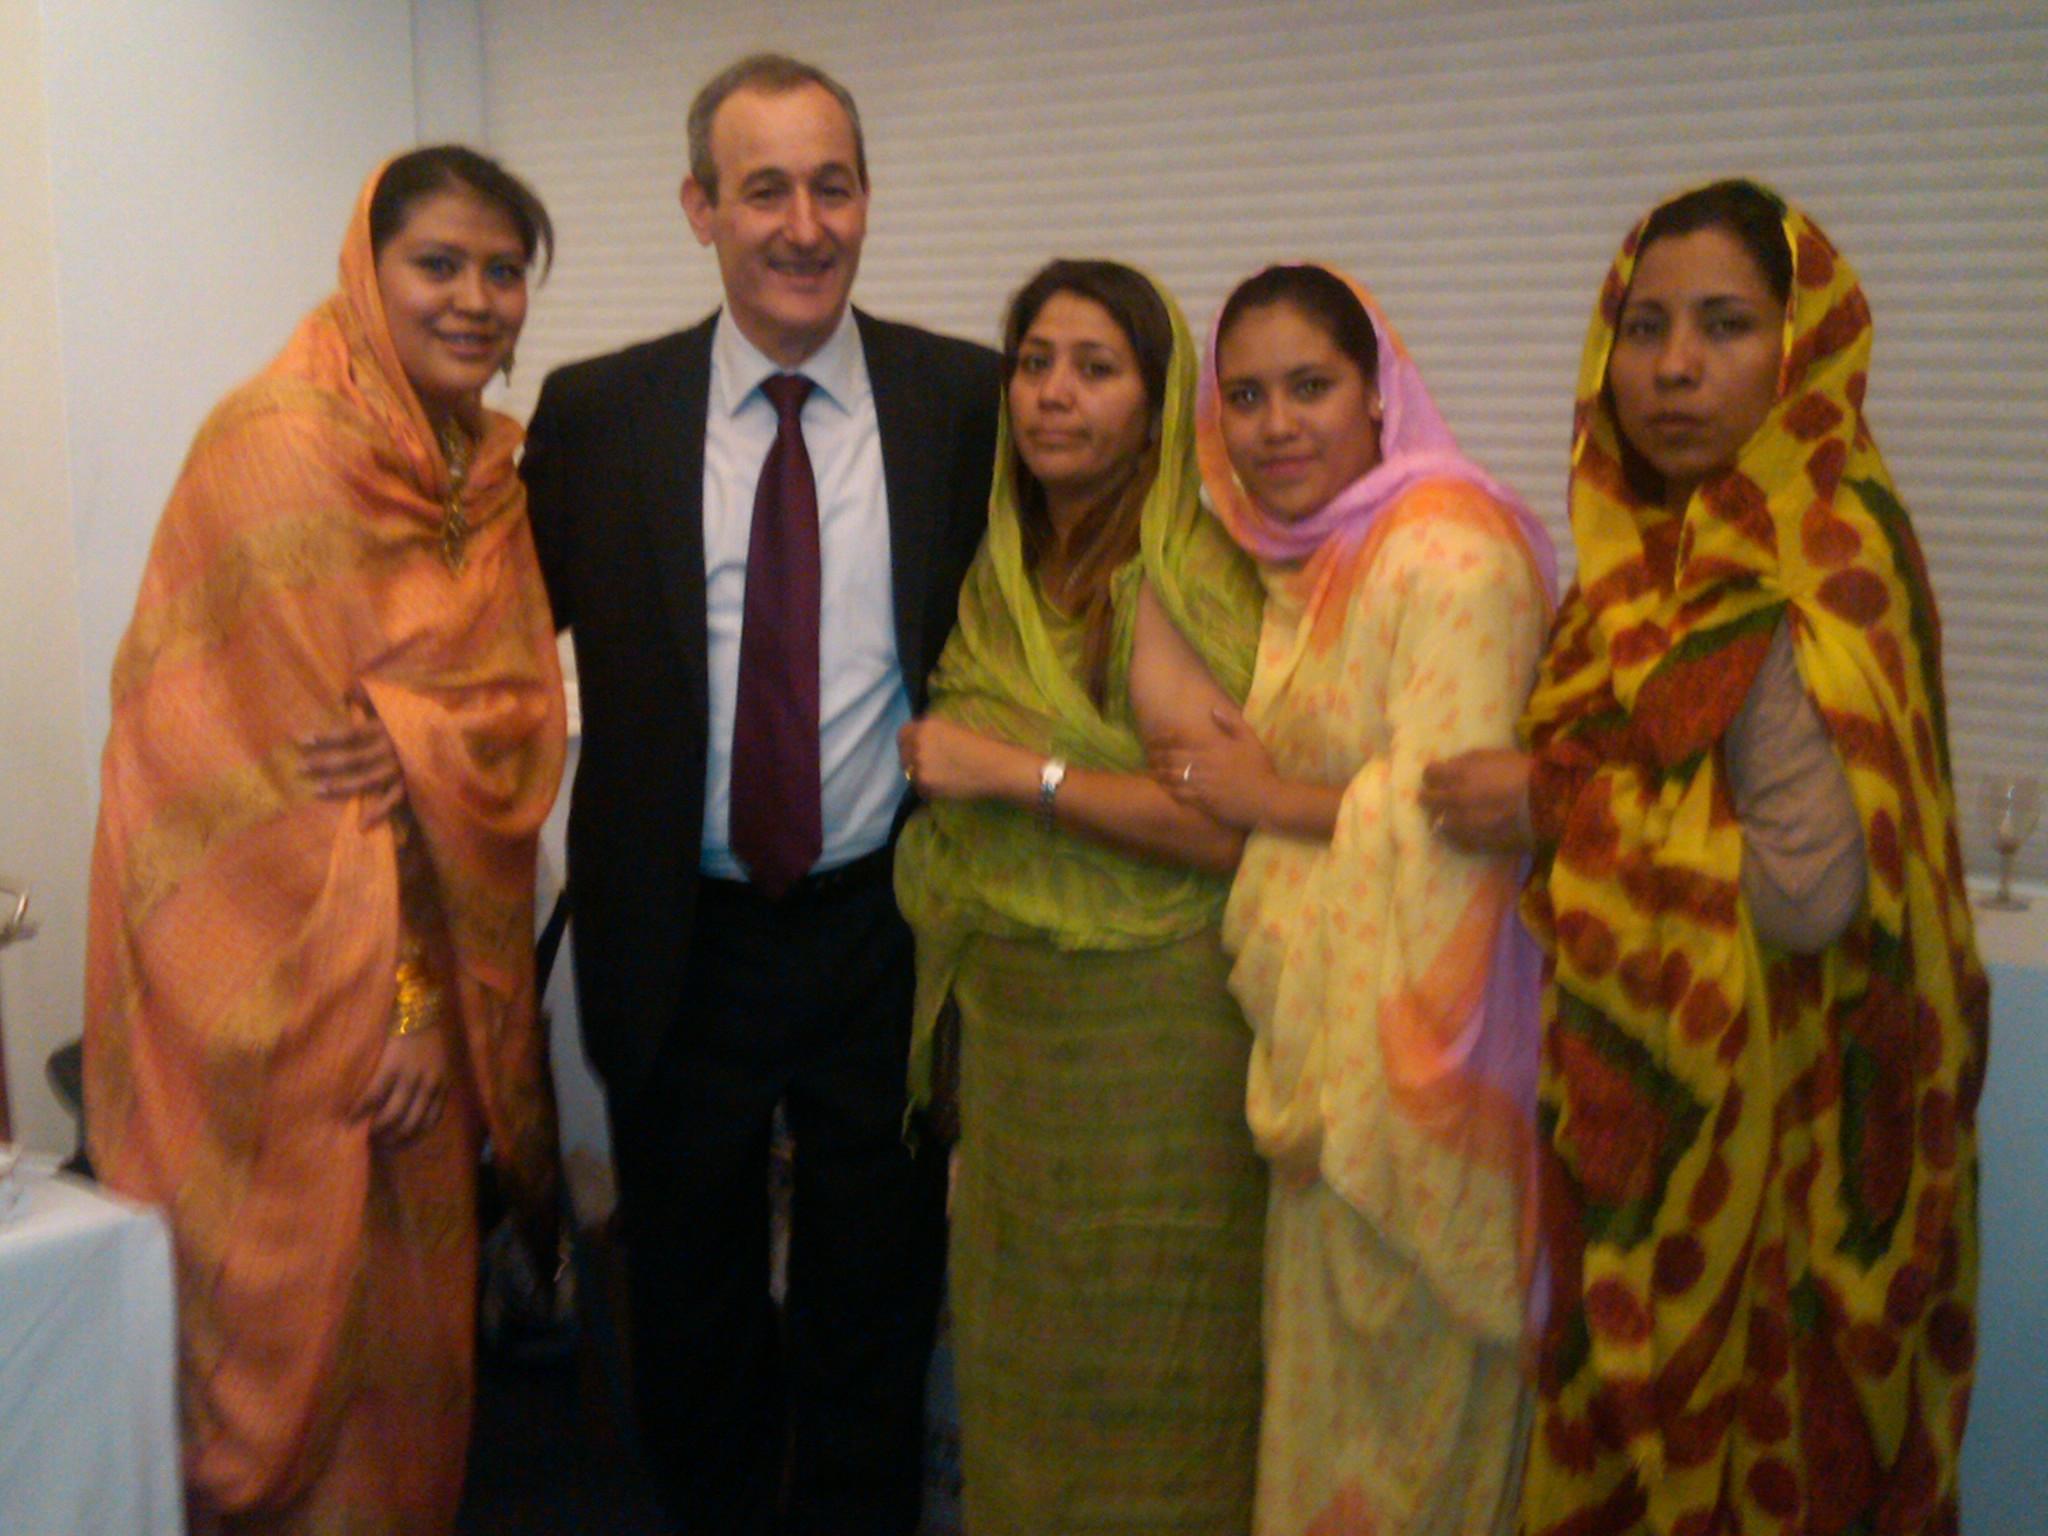 Educación_intercultural,_Semana_de_África,_con_embajador_de_Libia,_COLMEX